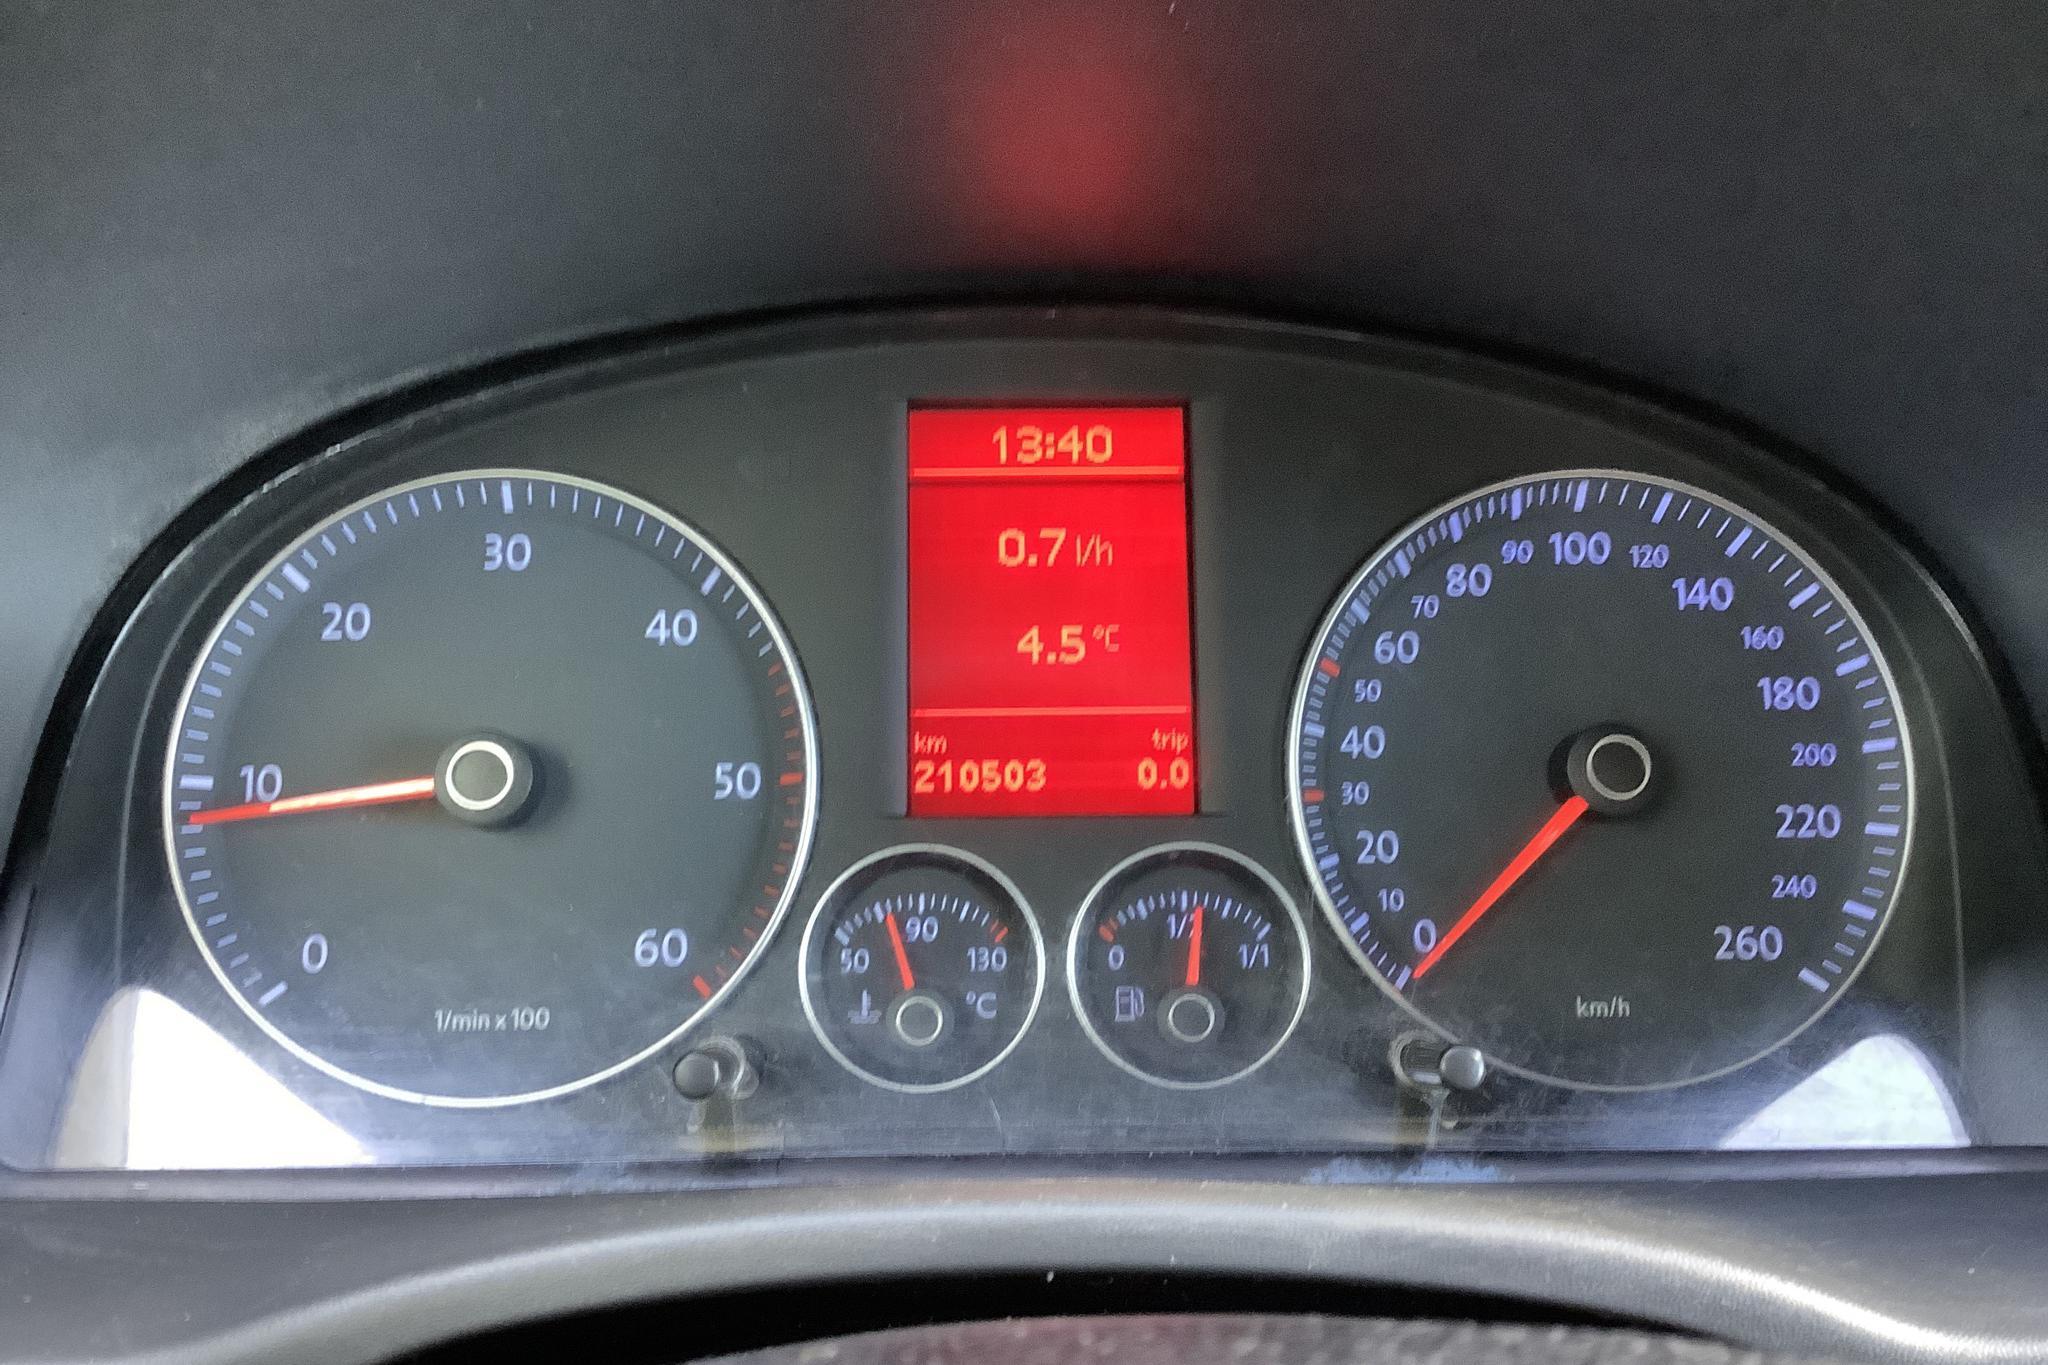 VW Caddy 1.9 TDI Skåp (105hk) - 21 050 mil - Manuell - vit - 2009